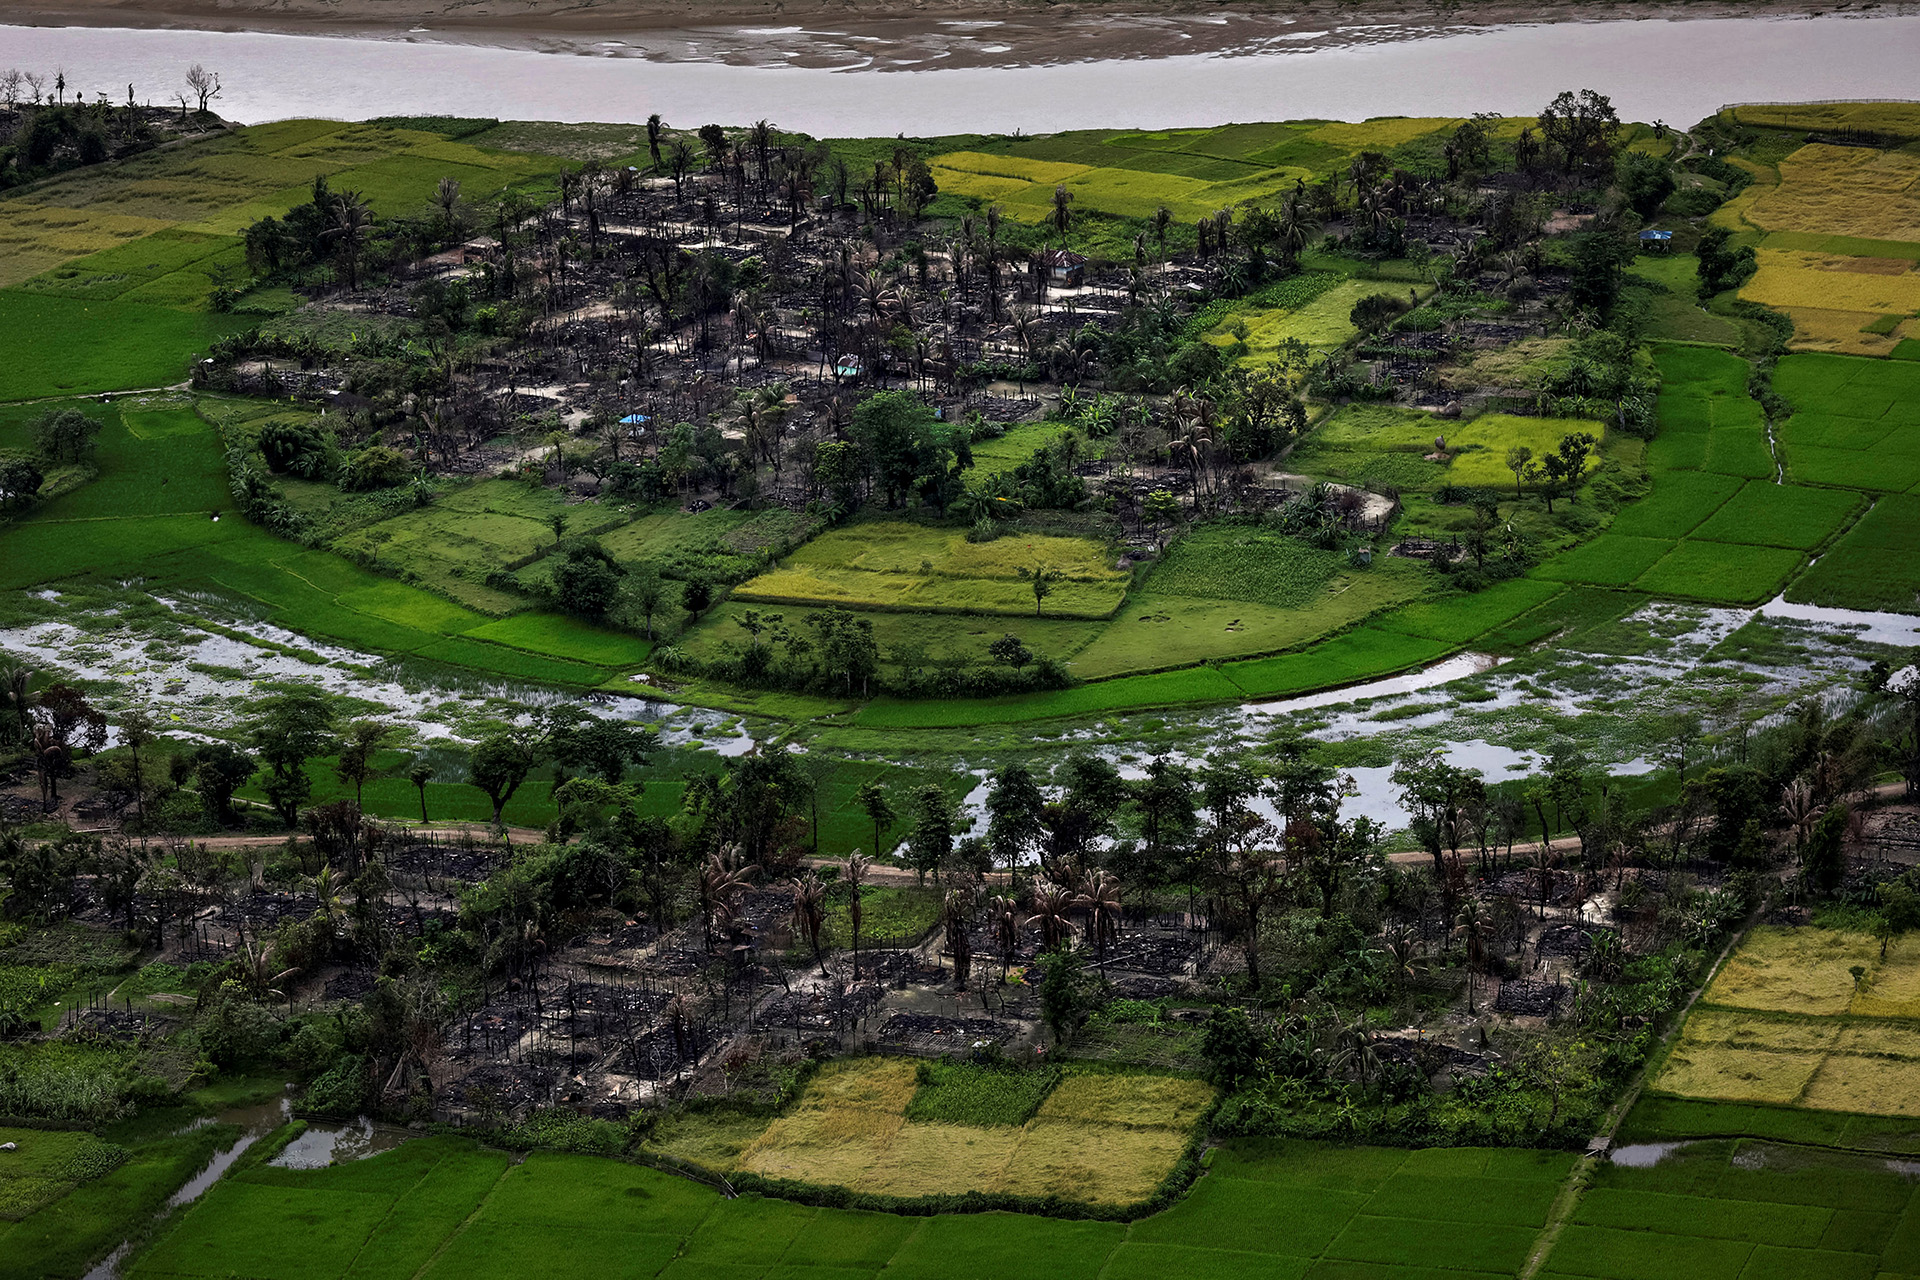 Los restos de un pueblo rohingya quemado se ven en esta fotografía aérea cerca de Maungdaw, al norte del estado de Rakhine, Myanmar, el 27 de septiembre de 2017.(Soe Zeya Tun)